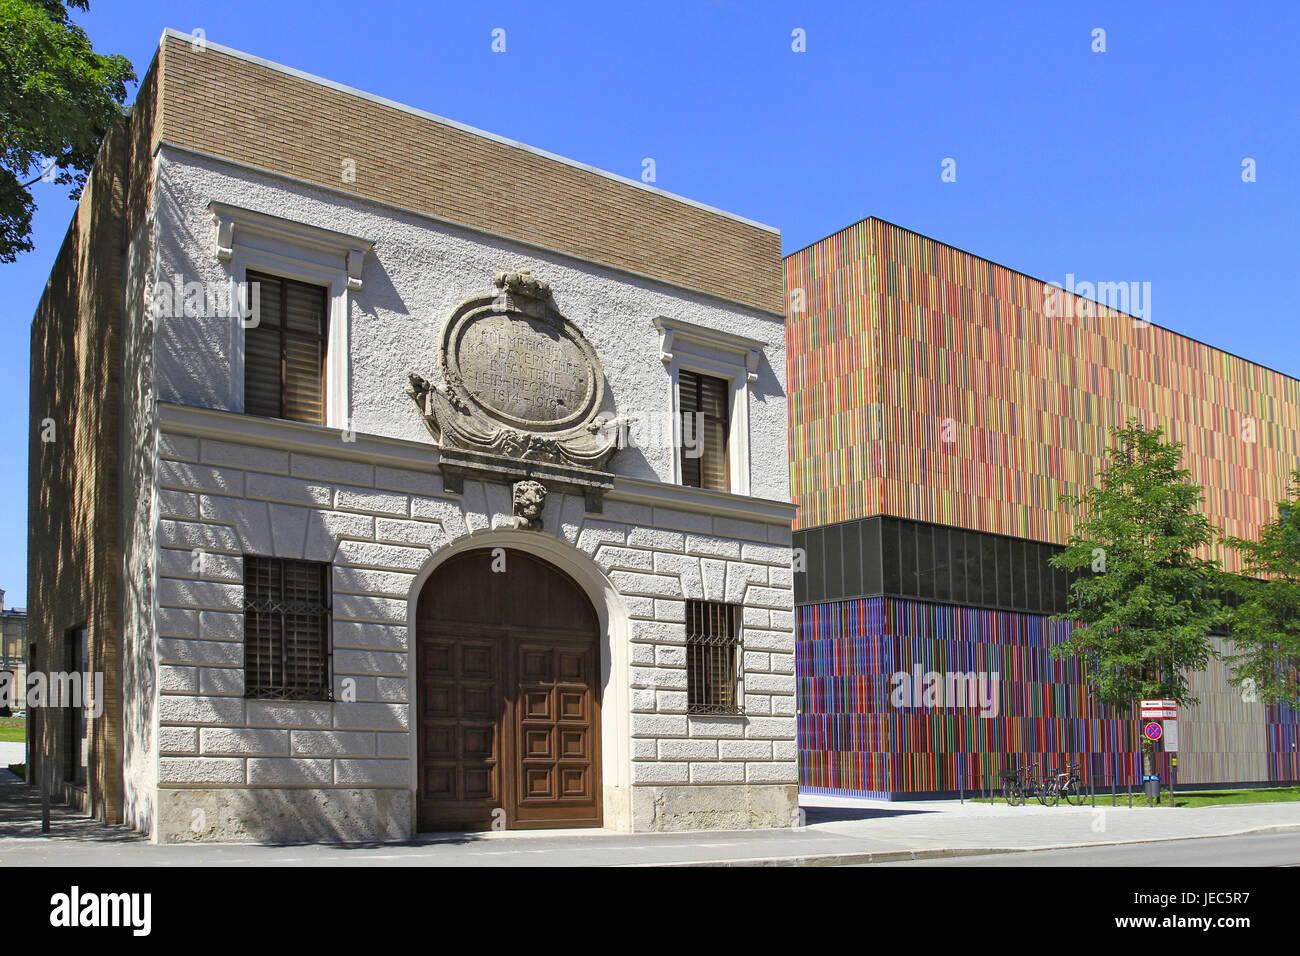 Farben Fassaden Stockfotos & Farben Fassaden Bilder - Alamy